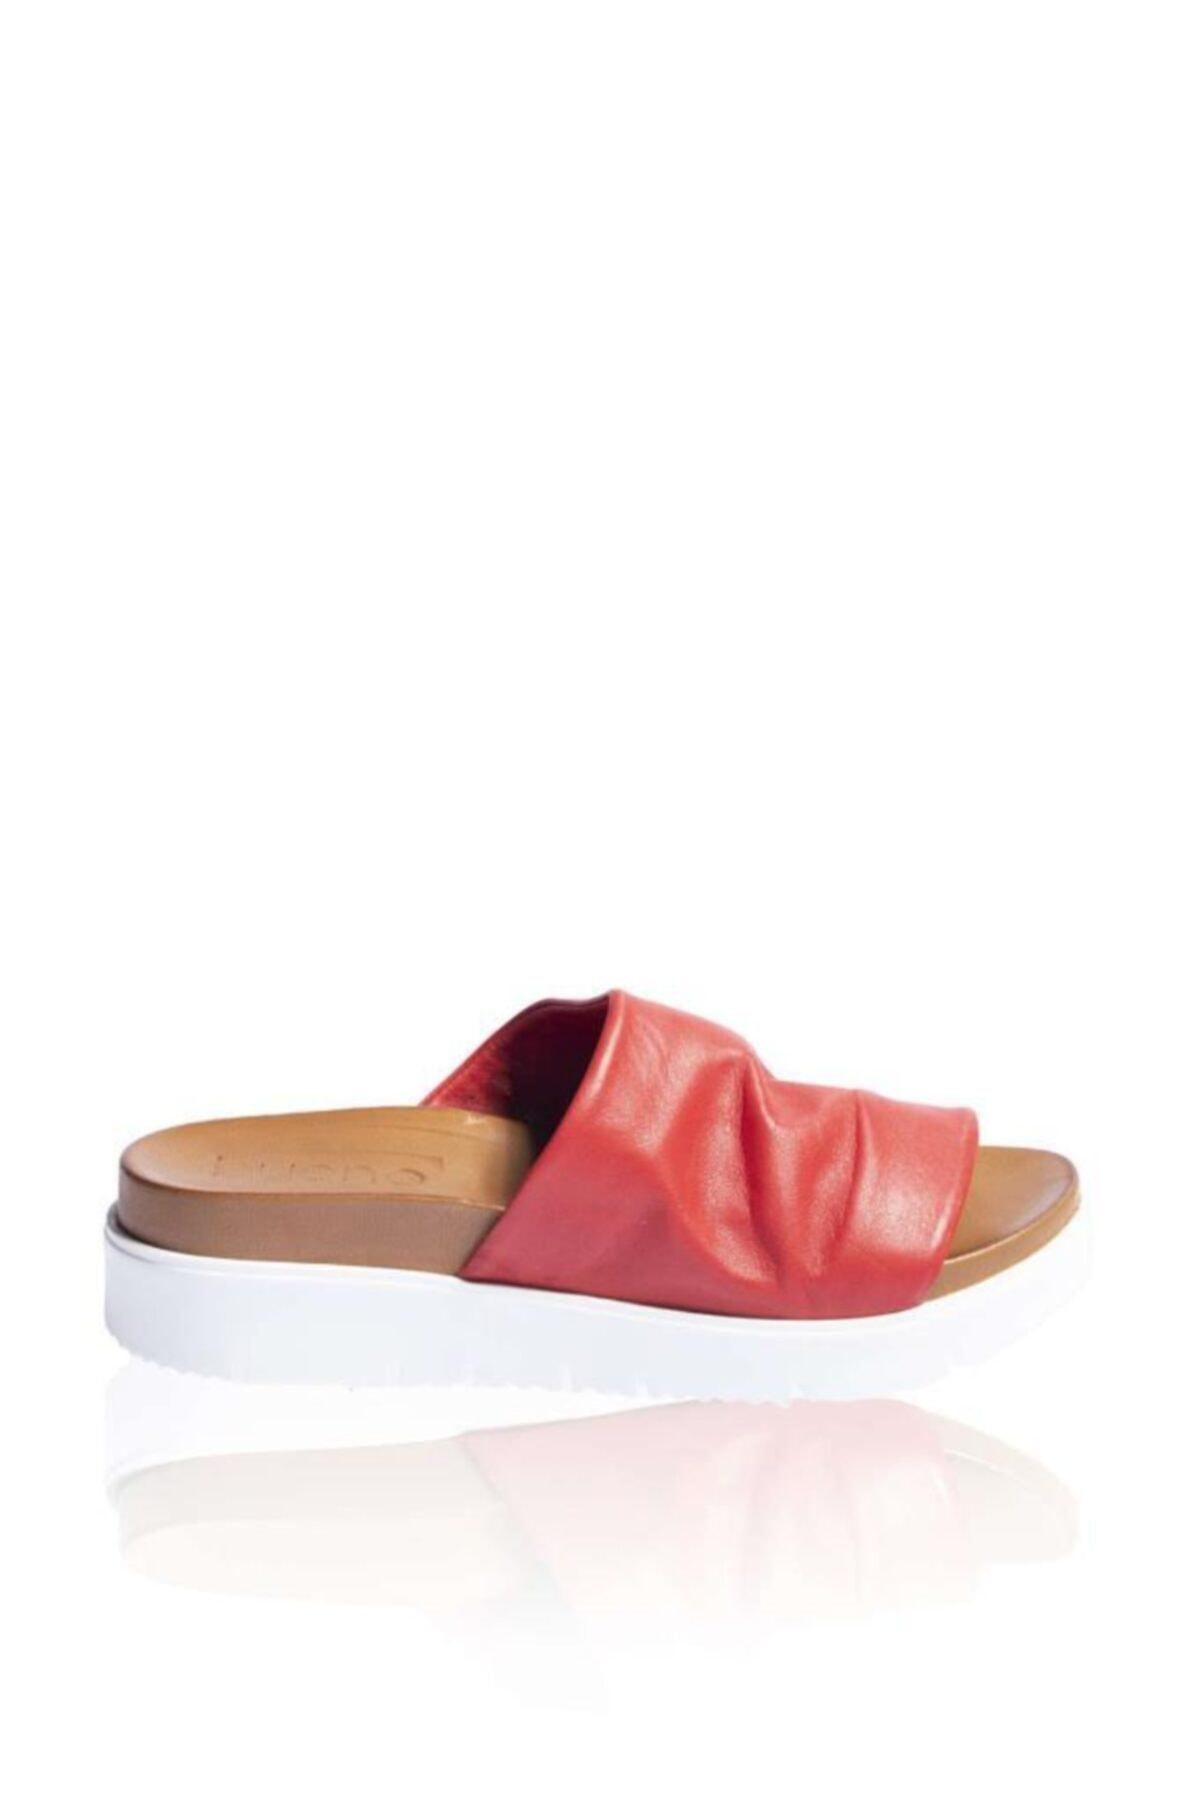 BUENO Shoes Önü Açık Hakiki Deri Kadın Dolgu Topuk Terlik 9n3400 1